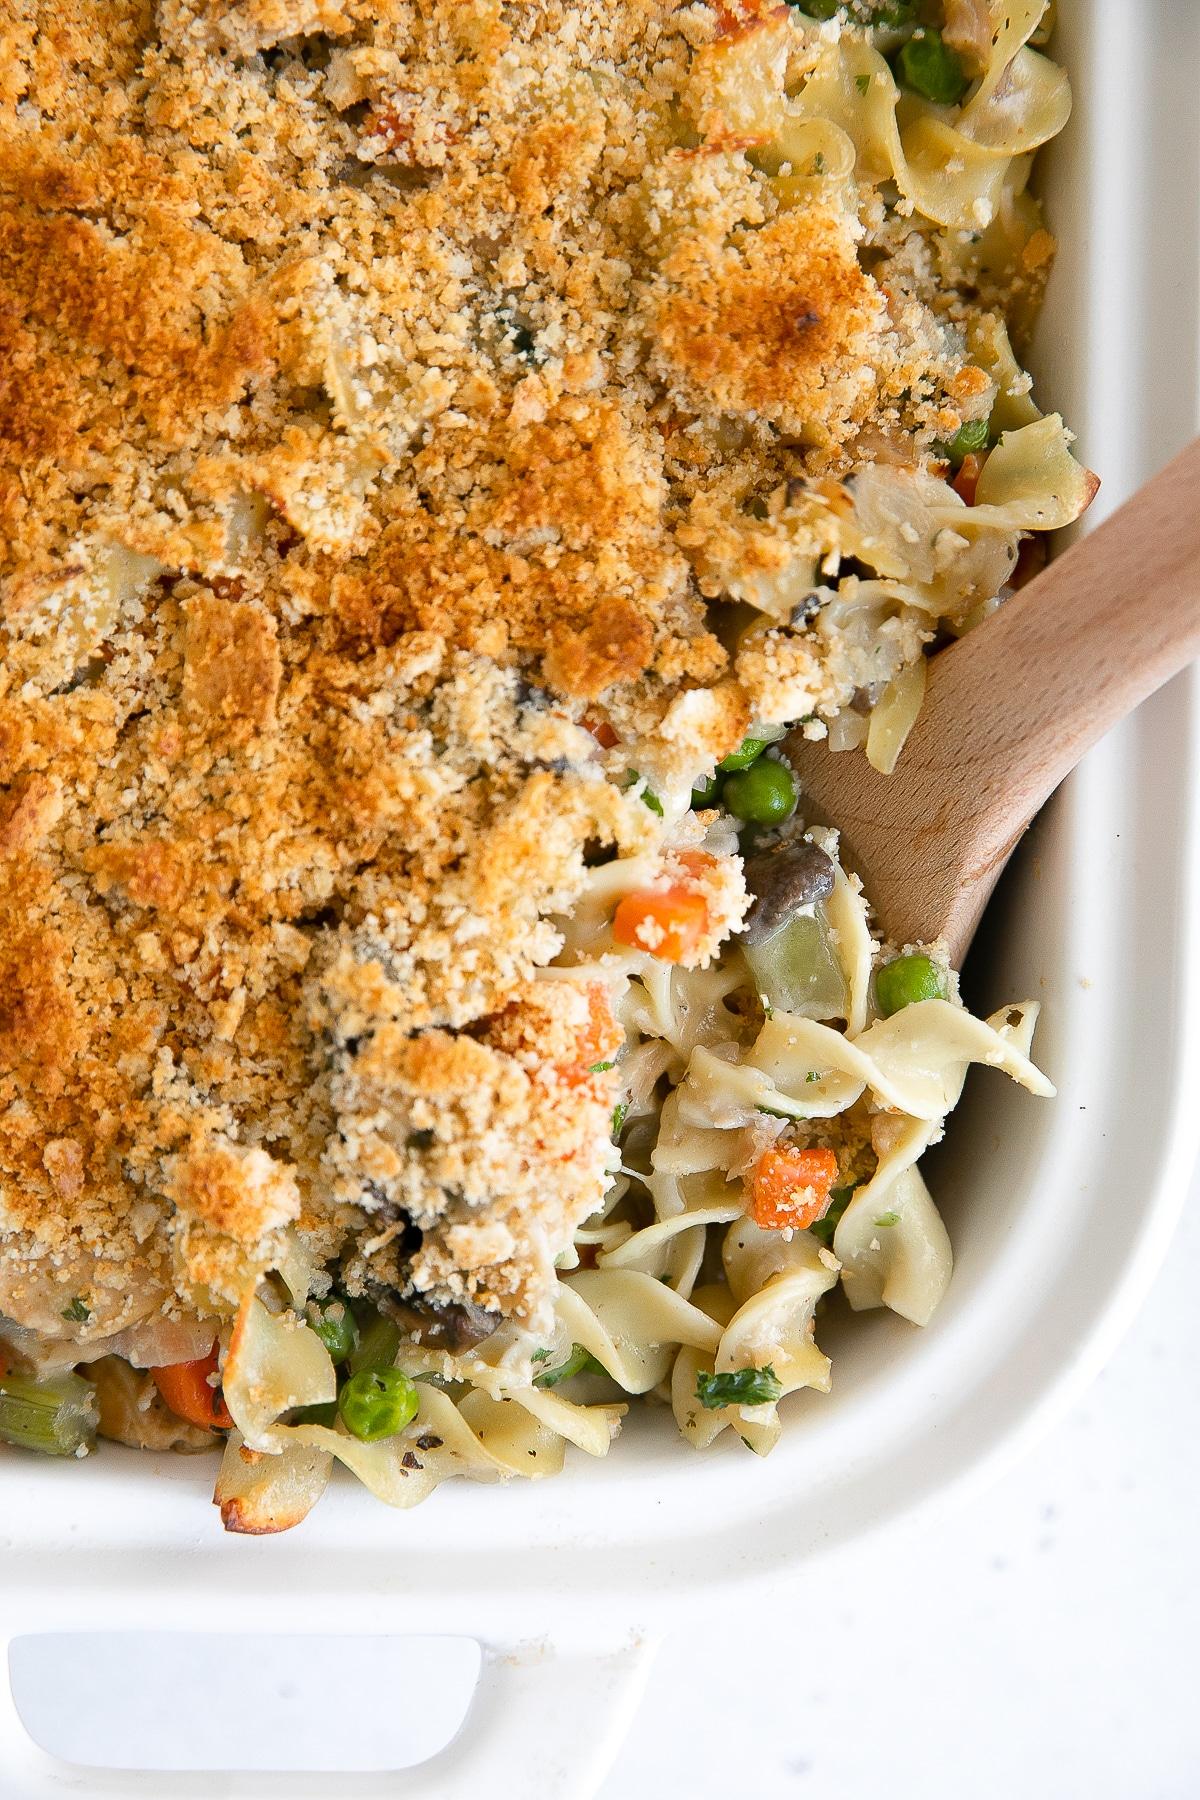 Top The BEST Tuna Noodle Casserole Recipe